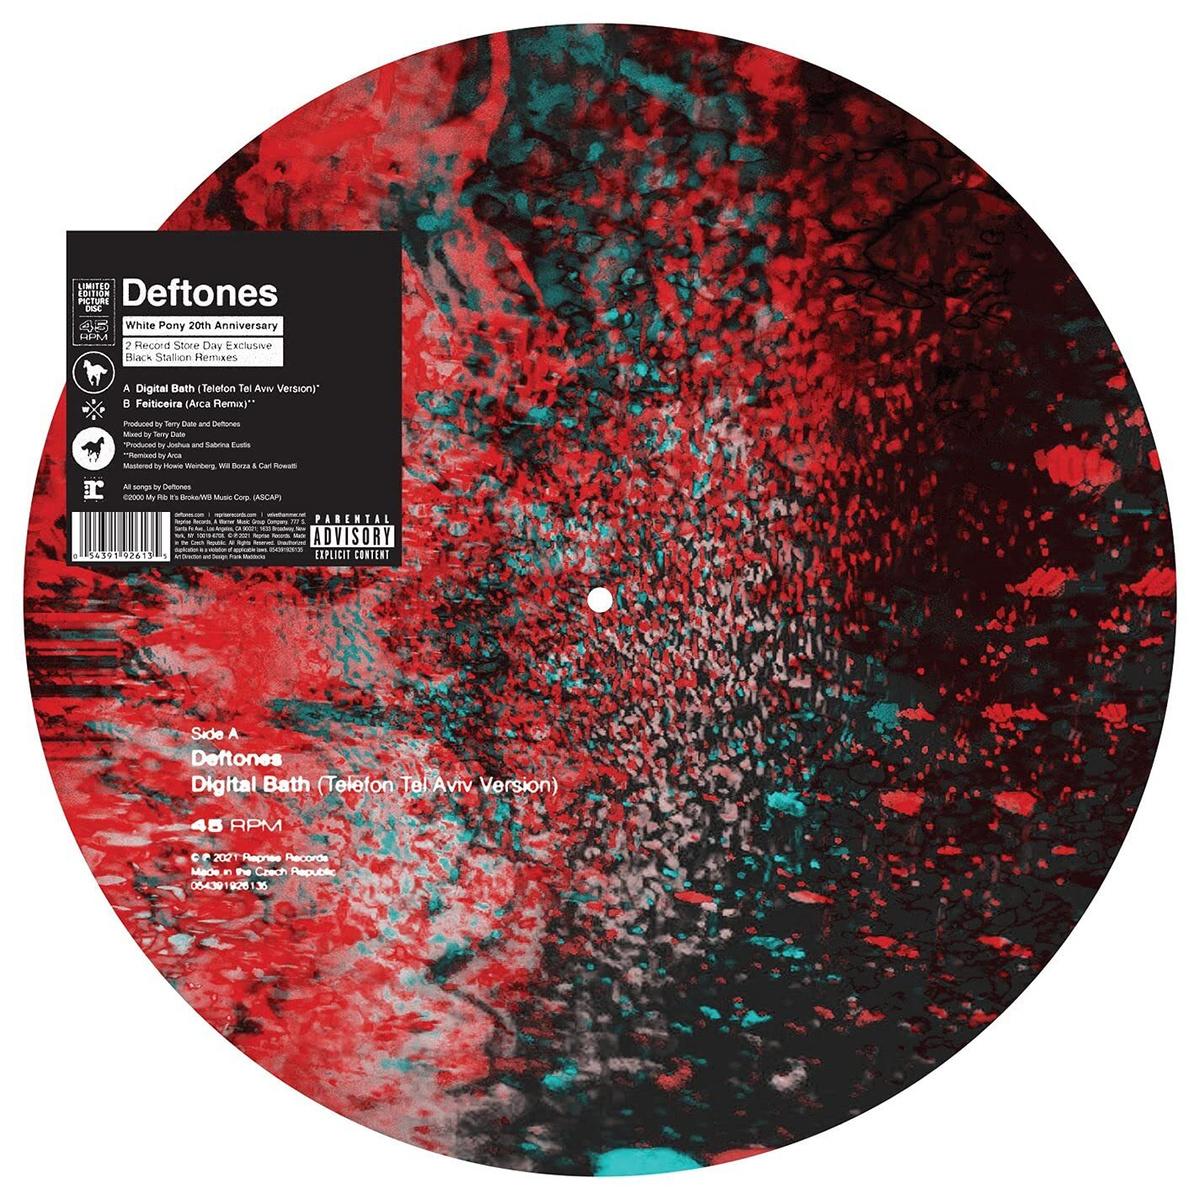 Виниловая пластинка Deftones. Digital Bath (Telefon Tel Aviv Version) / Feiticeira (Arca Remix) RSD21 #1